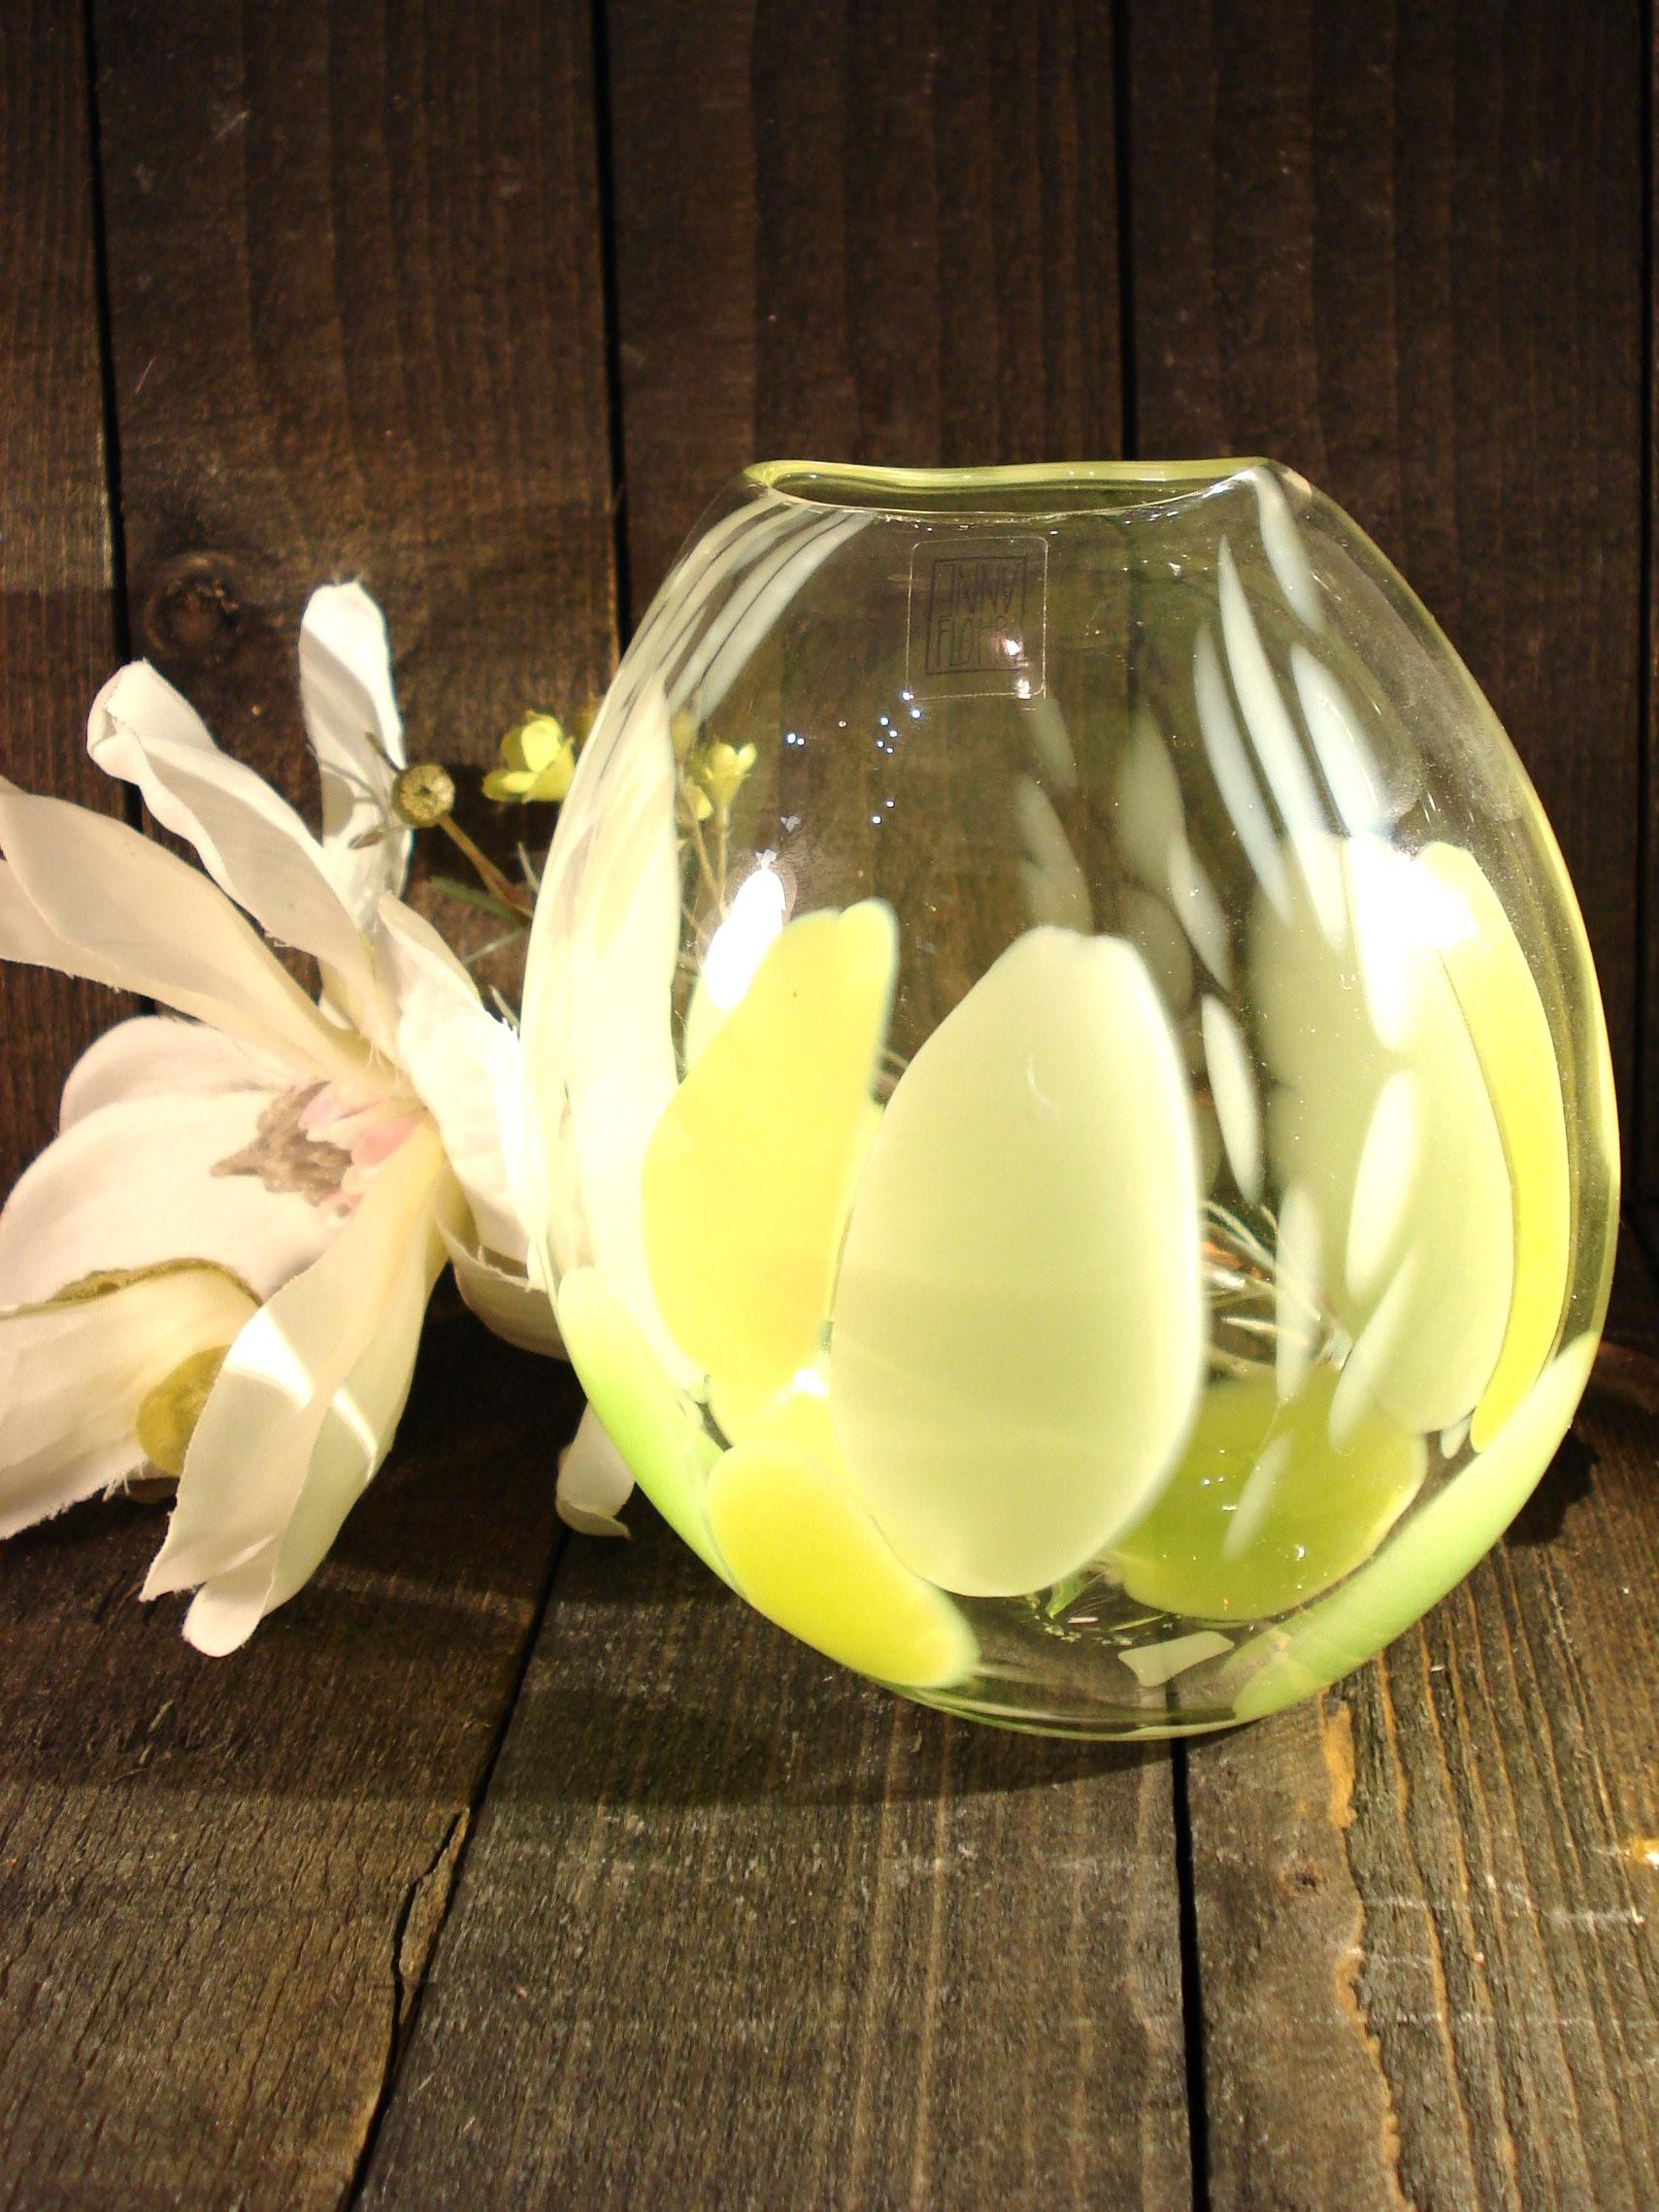 Mundblæst vase fra Anne Flohr